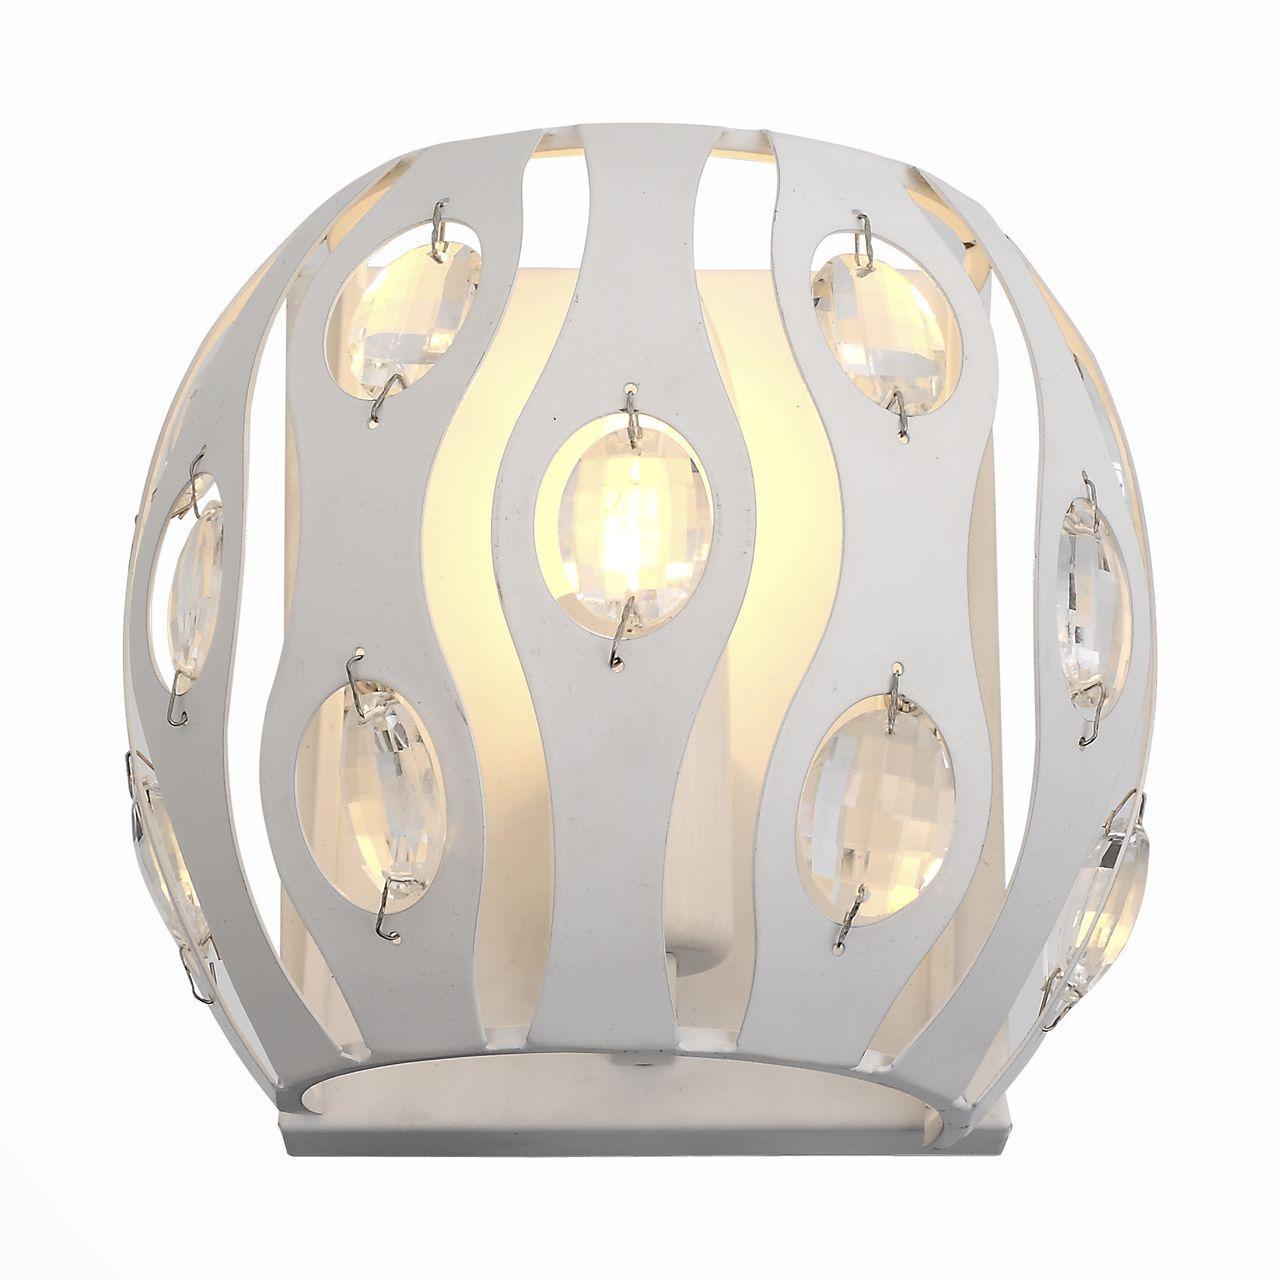 Настенный светильник ST Luce Calma SL793.501.01 настенный светильник st luce calma sl793 501 01